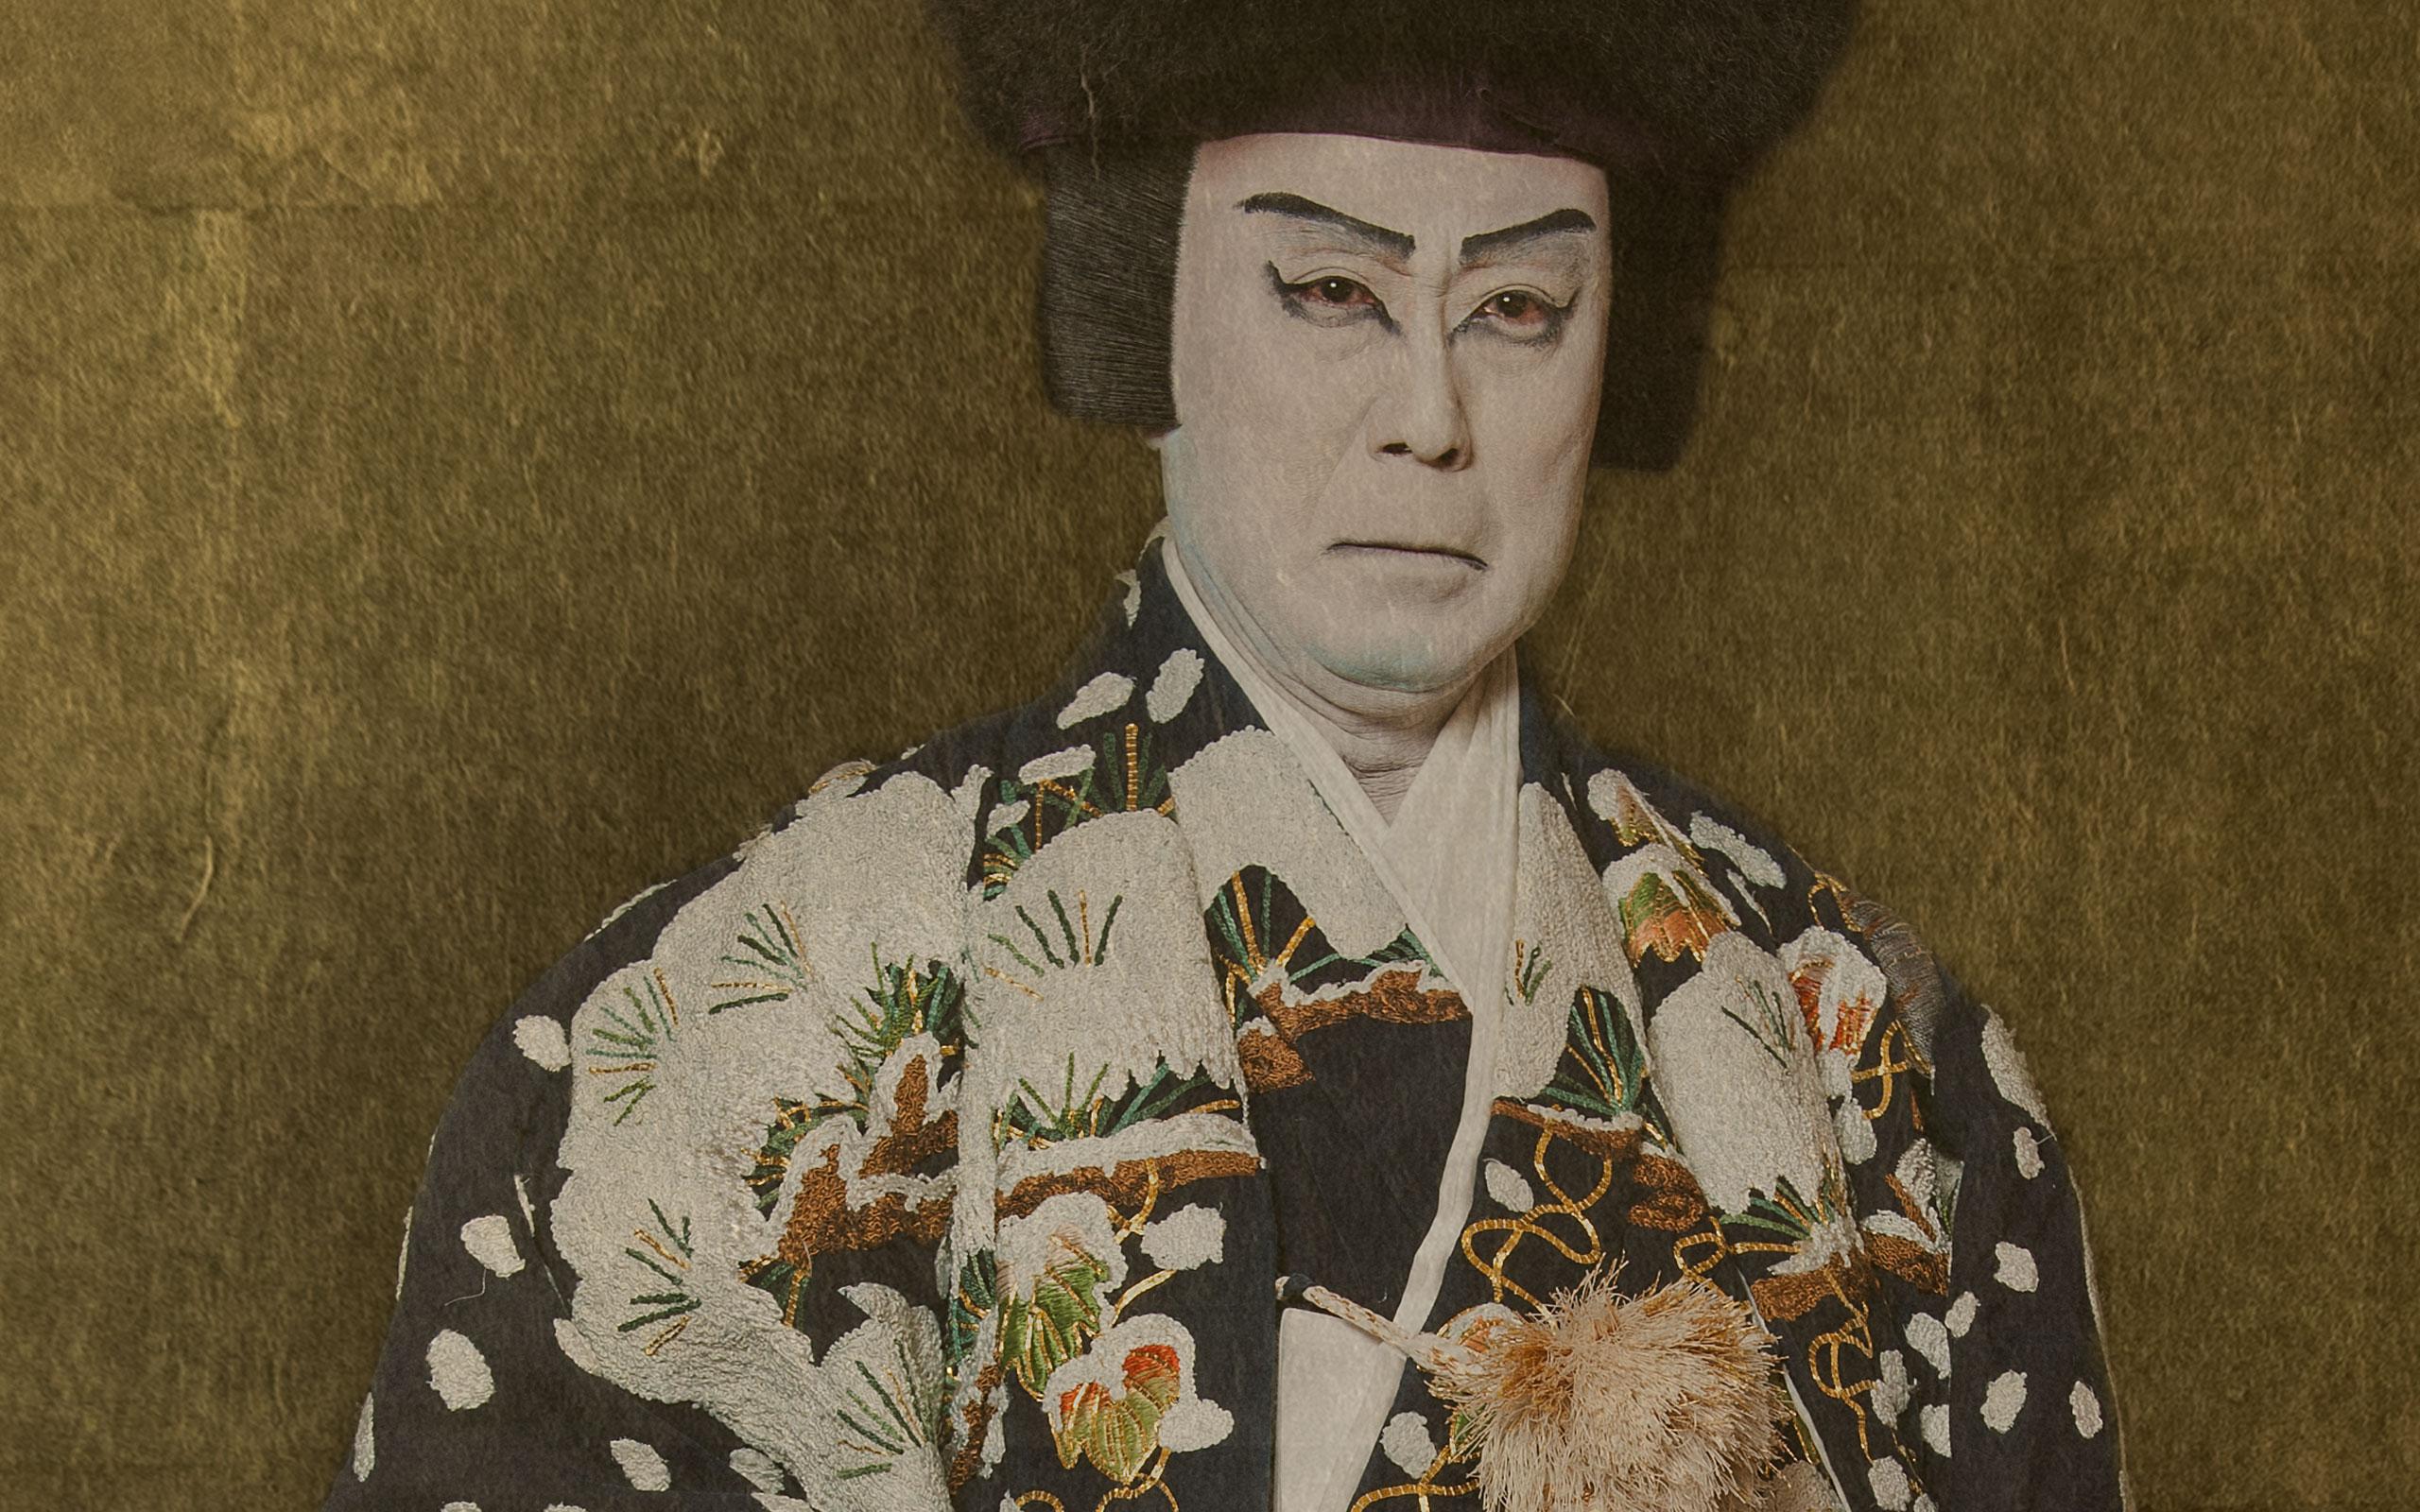 """MIKIMOTO Presents Naruyasu Nabeshima's Photo Exhibition """"Nakamura Kichiemon II"""""""